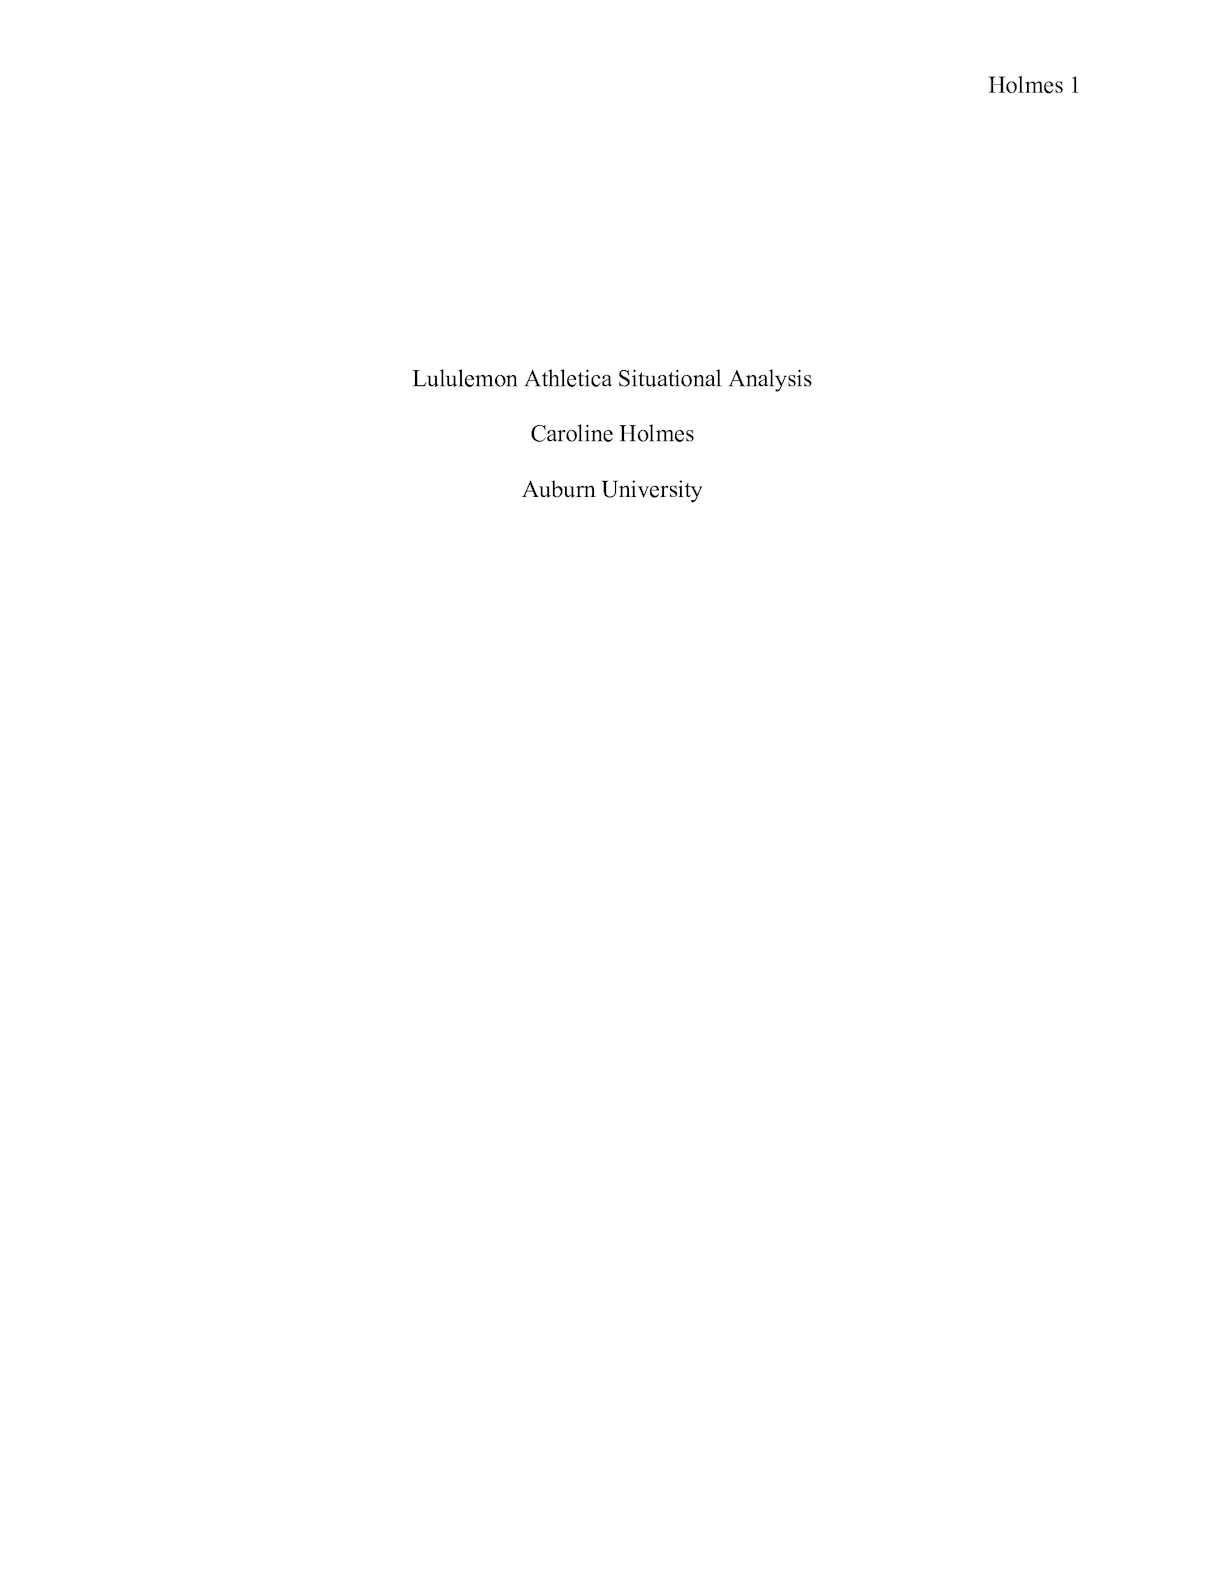 lululemon case study